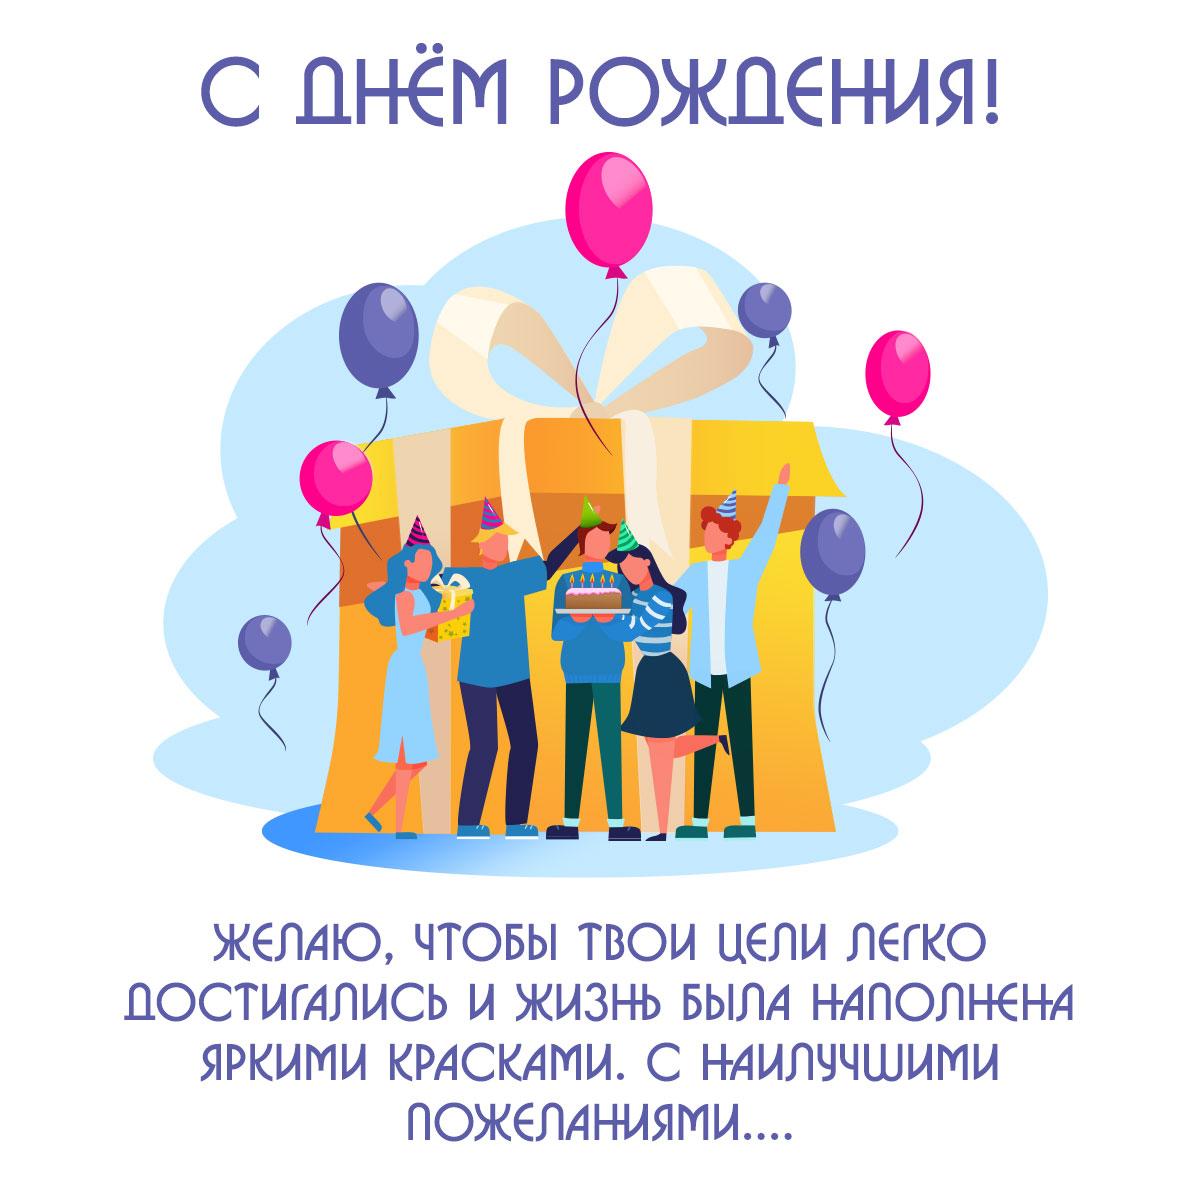 Люди с воздушными шариками на фоне жёлтой коробки поздравляют с днем рождения.